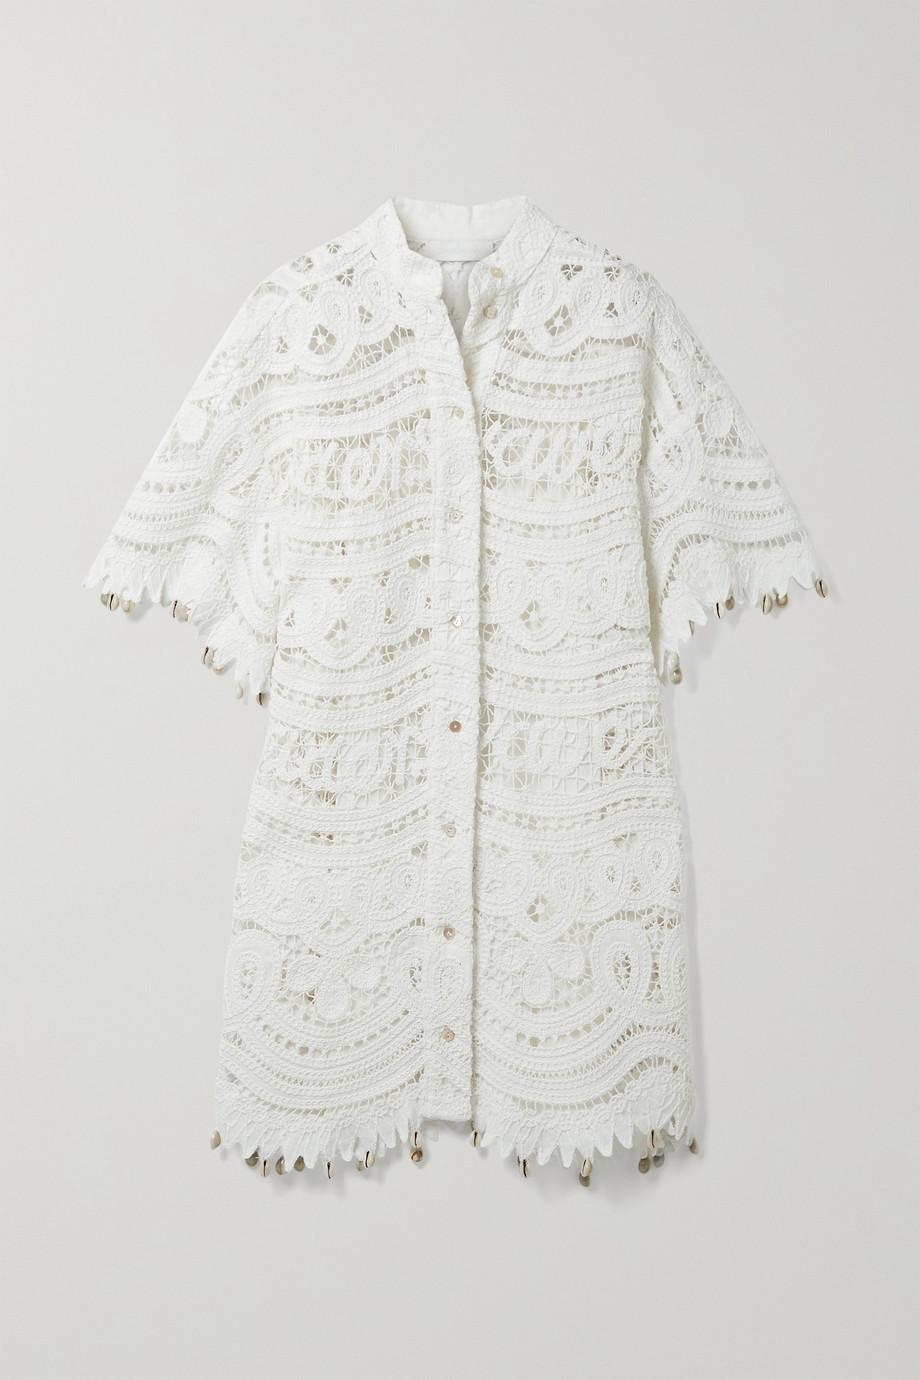 Zimmermann Shelly Minikleid aus einer gehäkelten Leinen-Baumwollmischung mit Verzierungen